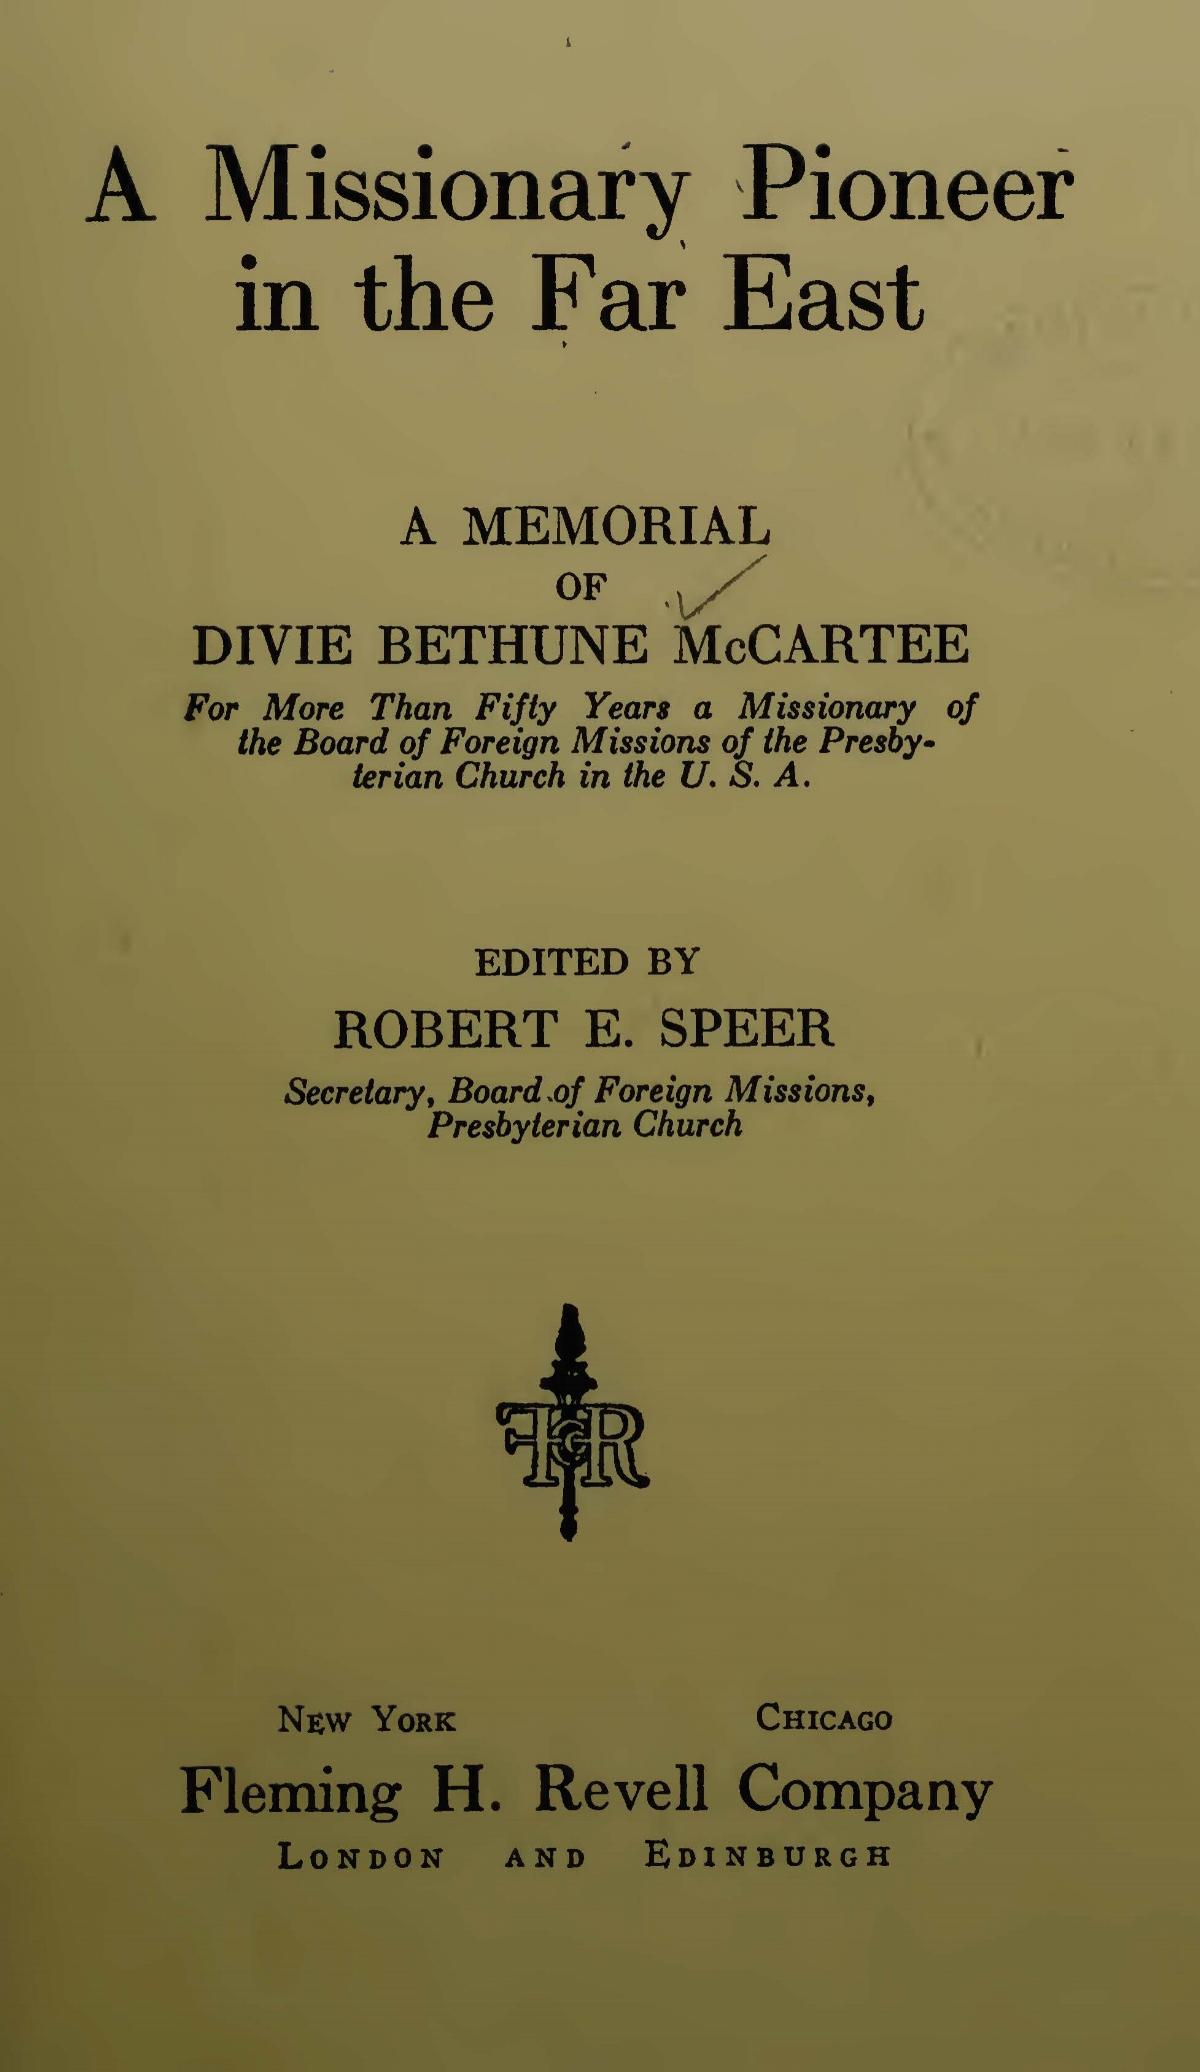 Speer, Robert Elliott, A Missionary Pioneer in the Far East; A Memorial of Divie Bethune McCartee Title Page.jpg